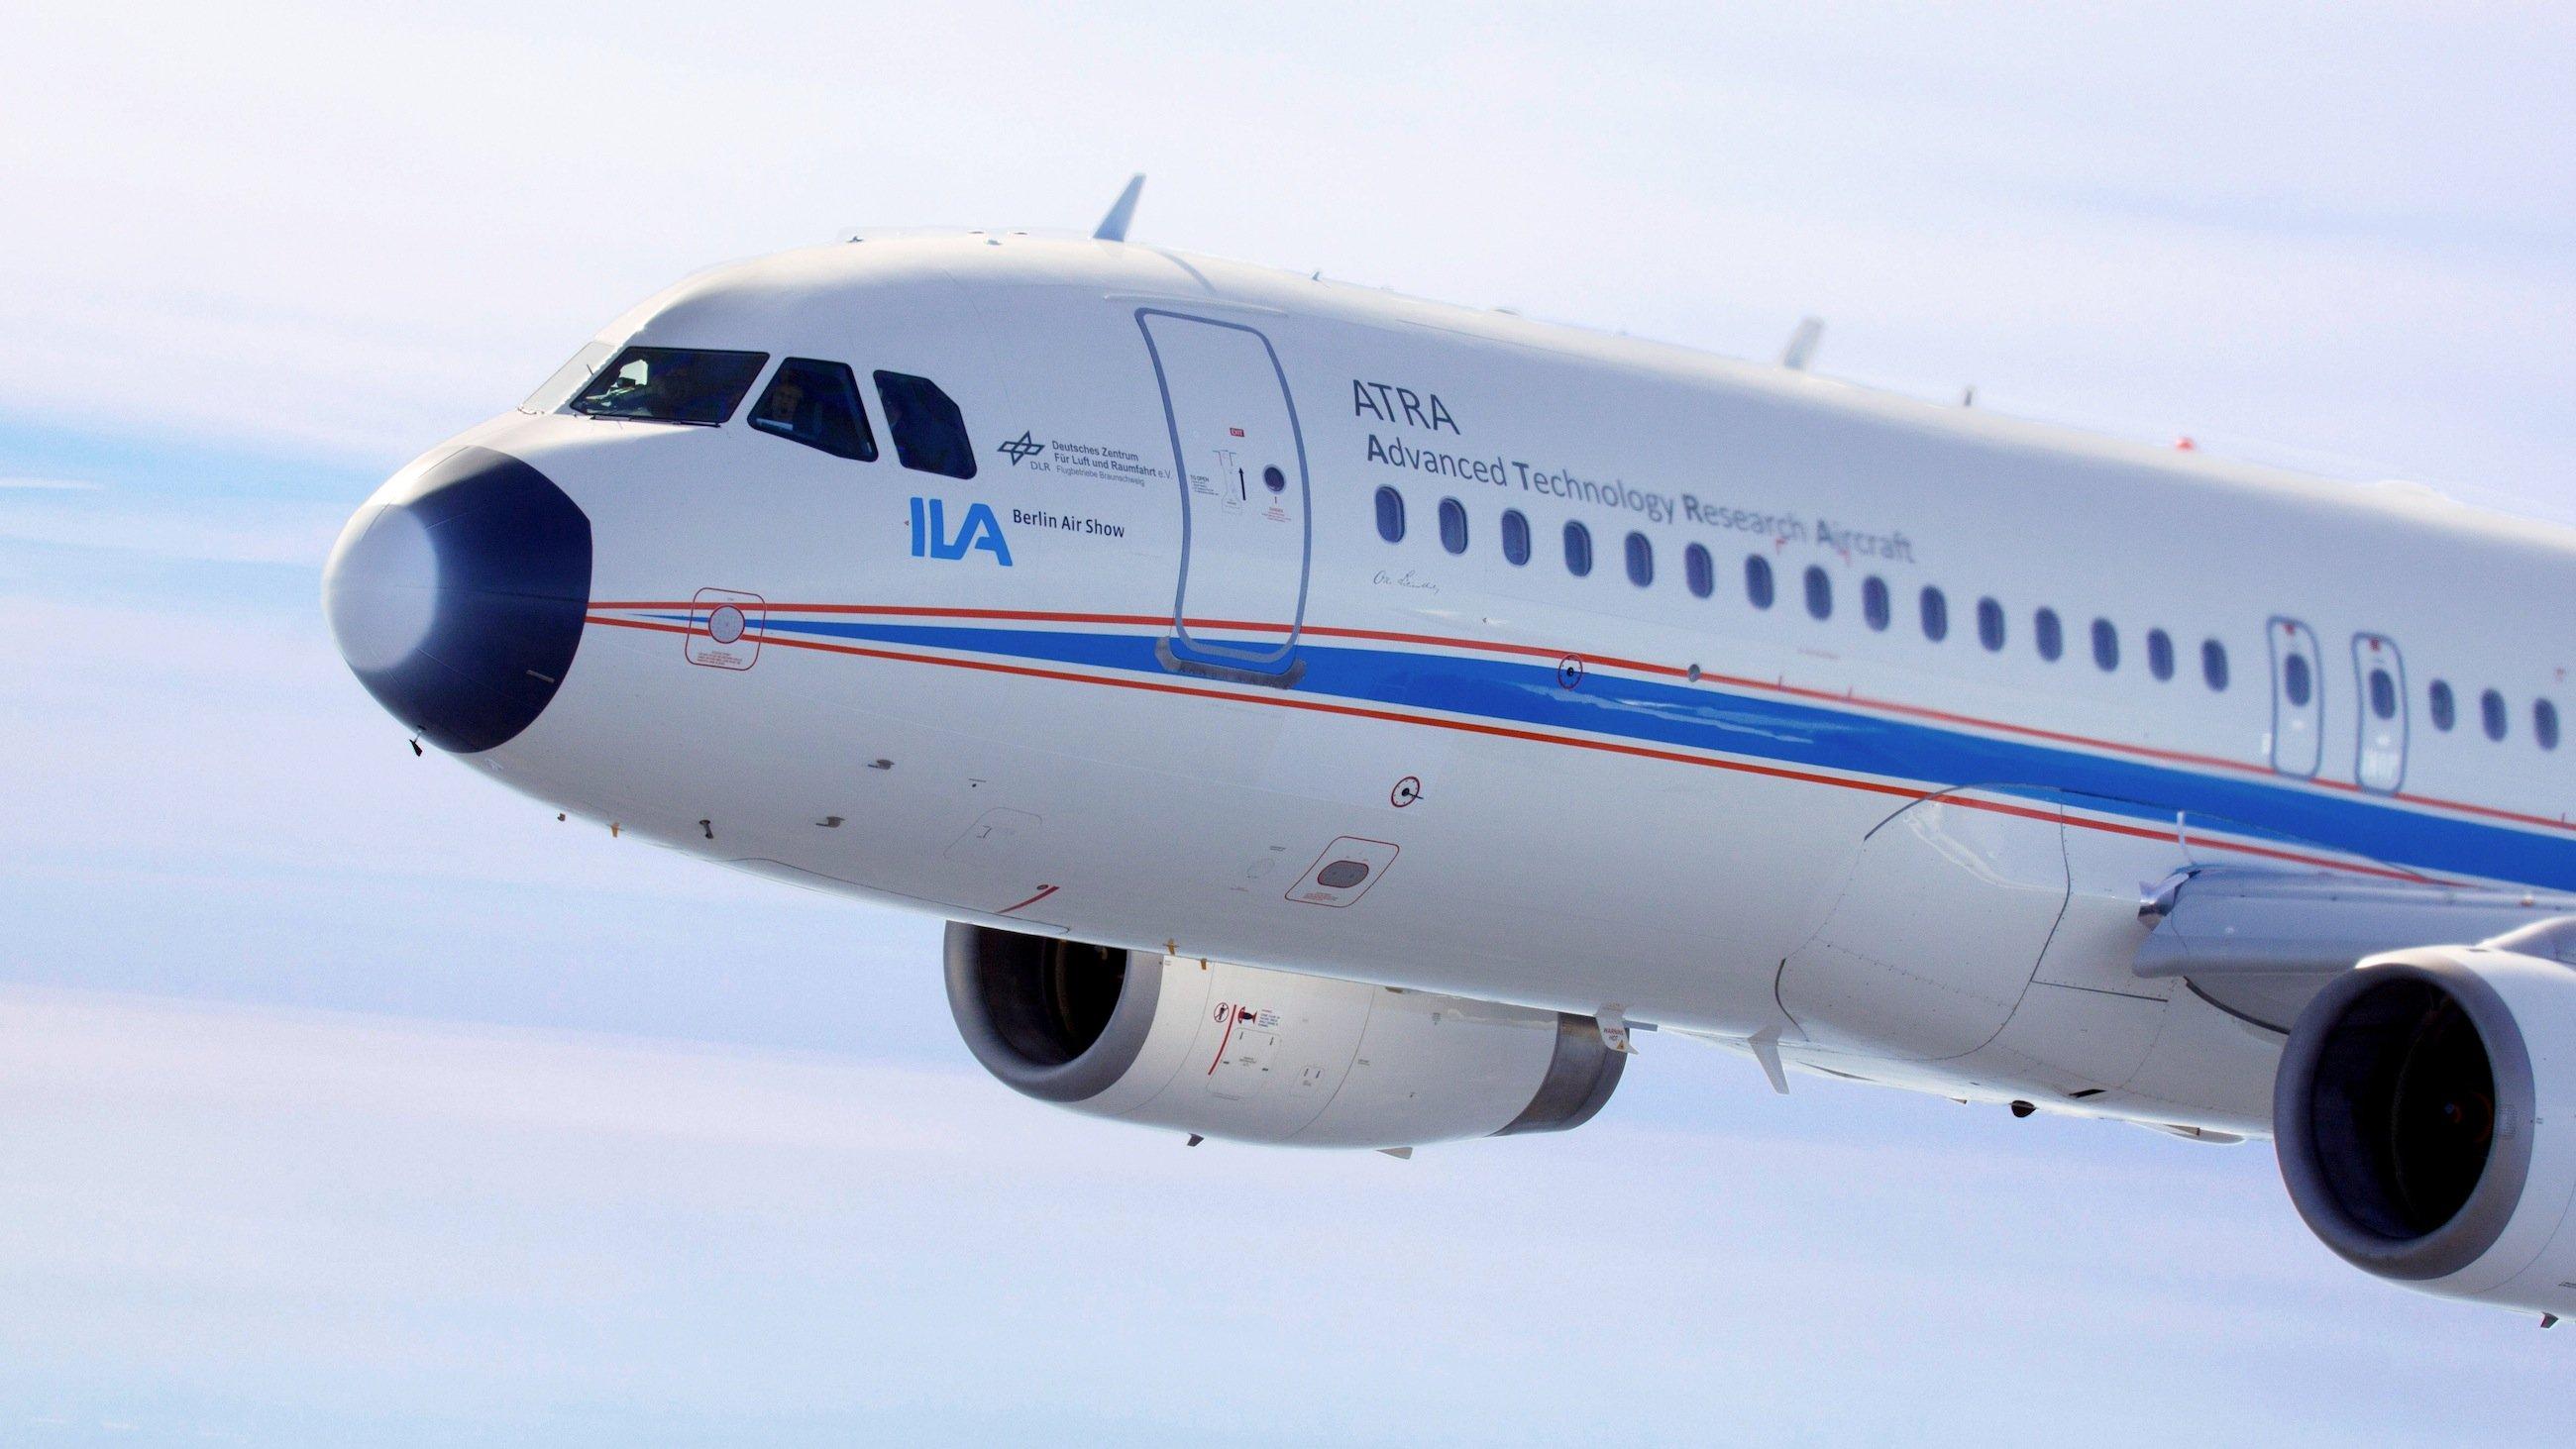 So langsam wie möglich: Das DLR-Forschungsflugzeug ATRA hat 30 Langsamflugversuche hinter sich. Mit den Daten sollen die Tragflächen für langsame Geschwindigkeiten optimiert werden.